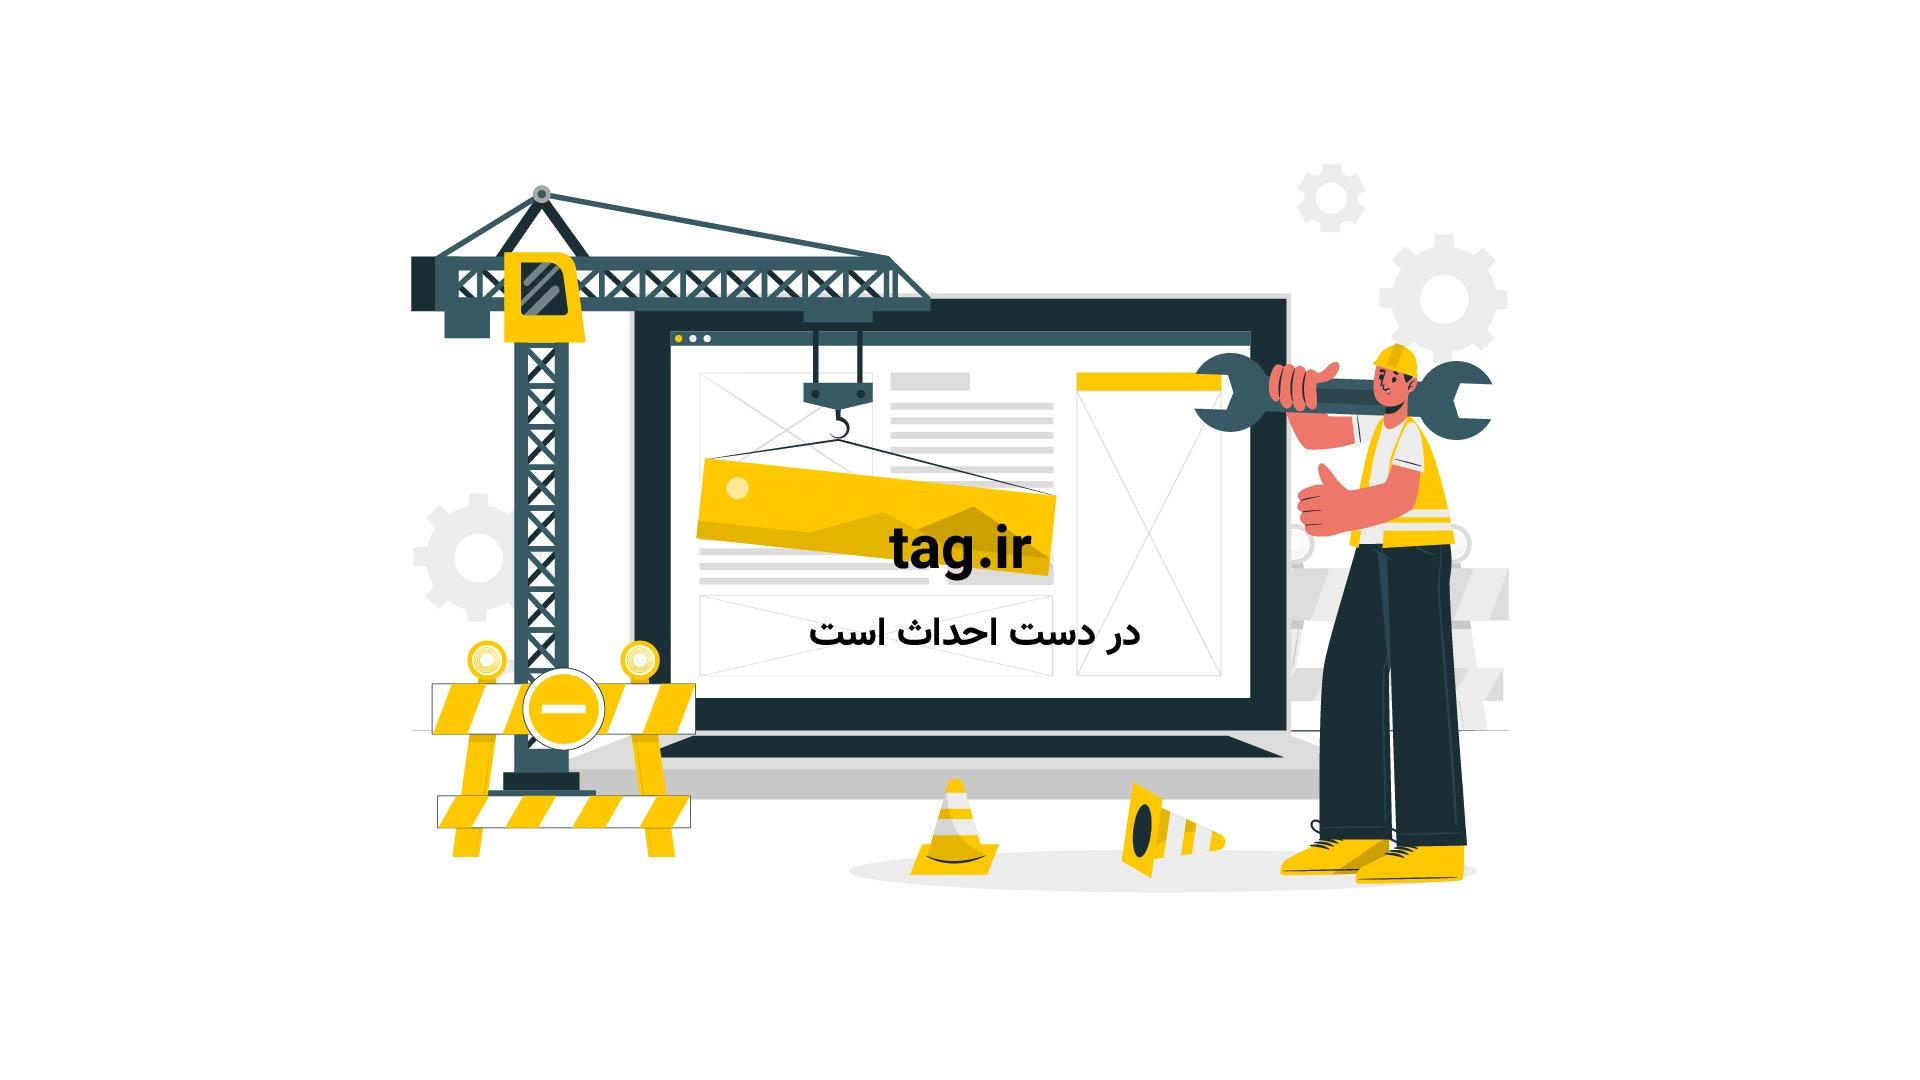 شمع با استفاده از یخ   تگ